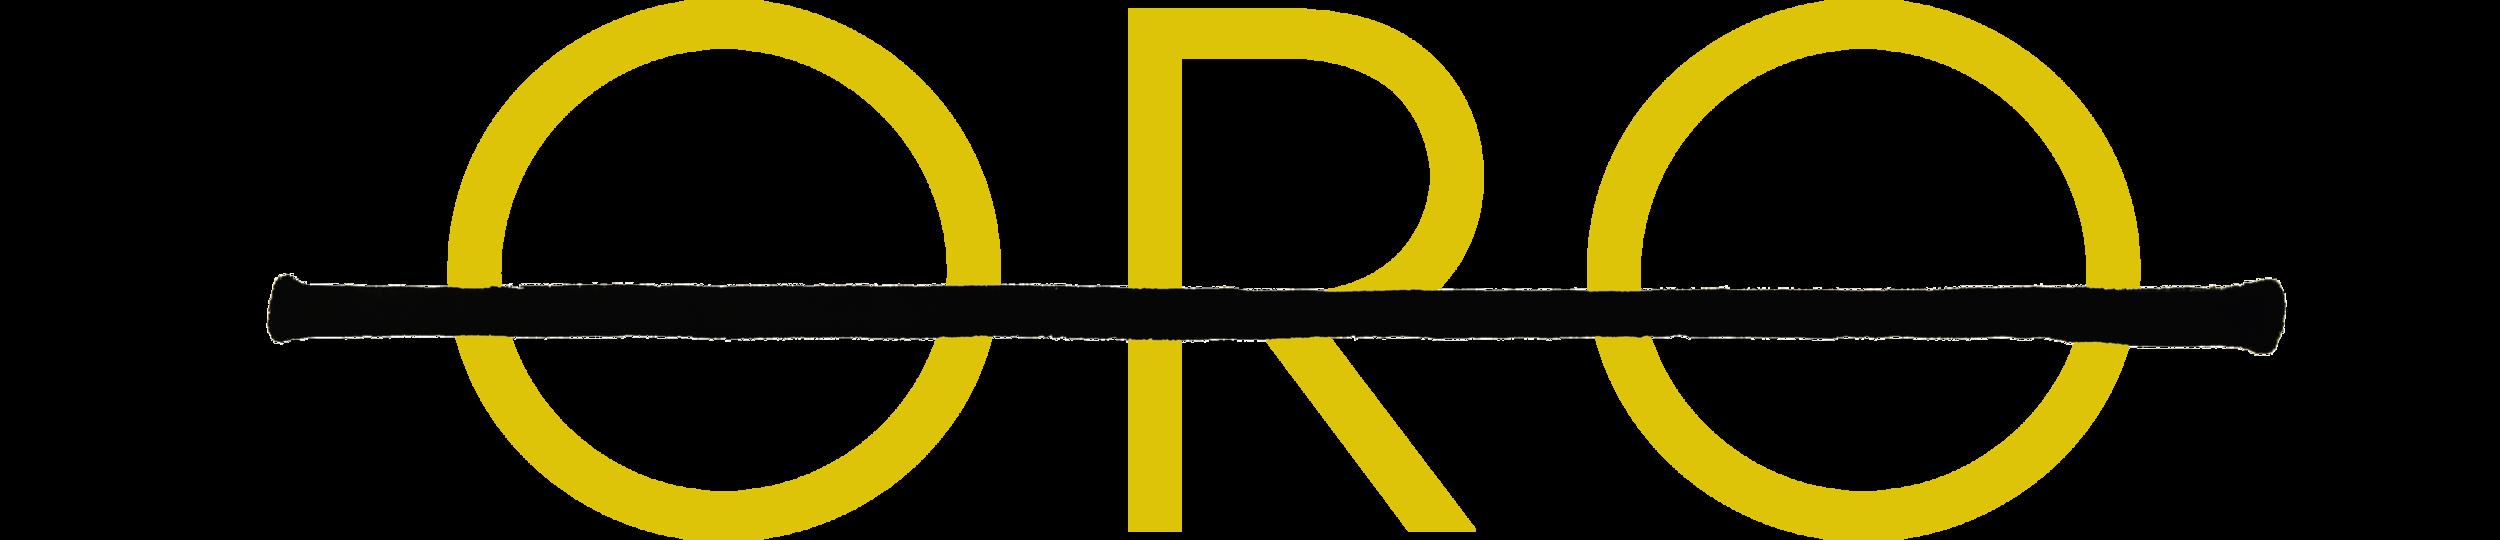 logo-oronot.png